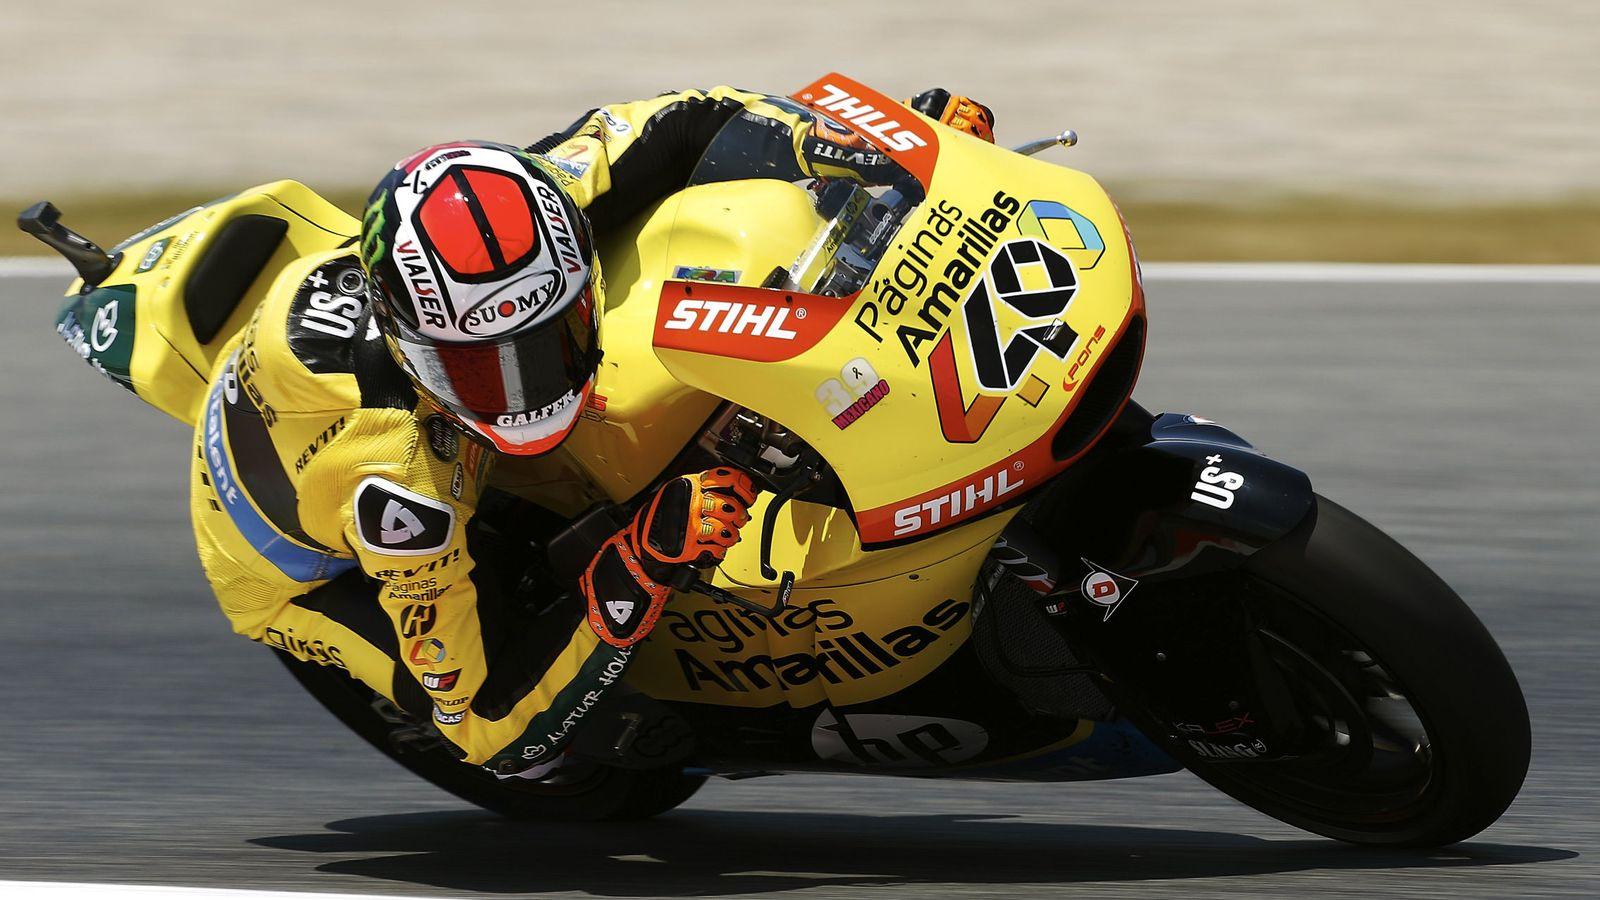 Foto: El piloto español Alex Rins (Páginas Amarillas HP 40), durante la prueba de Moto2 del Gran Premio de Cataluña. (EFE)